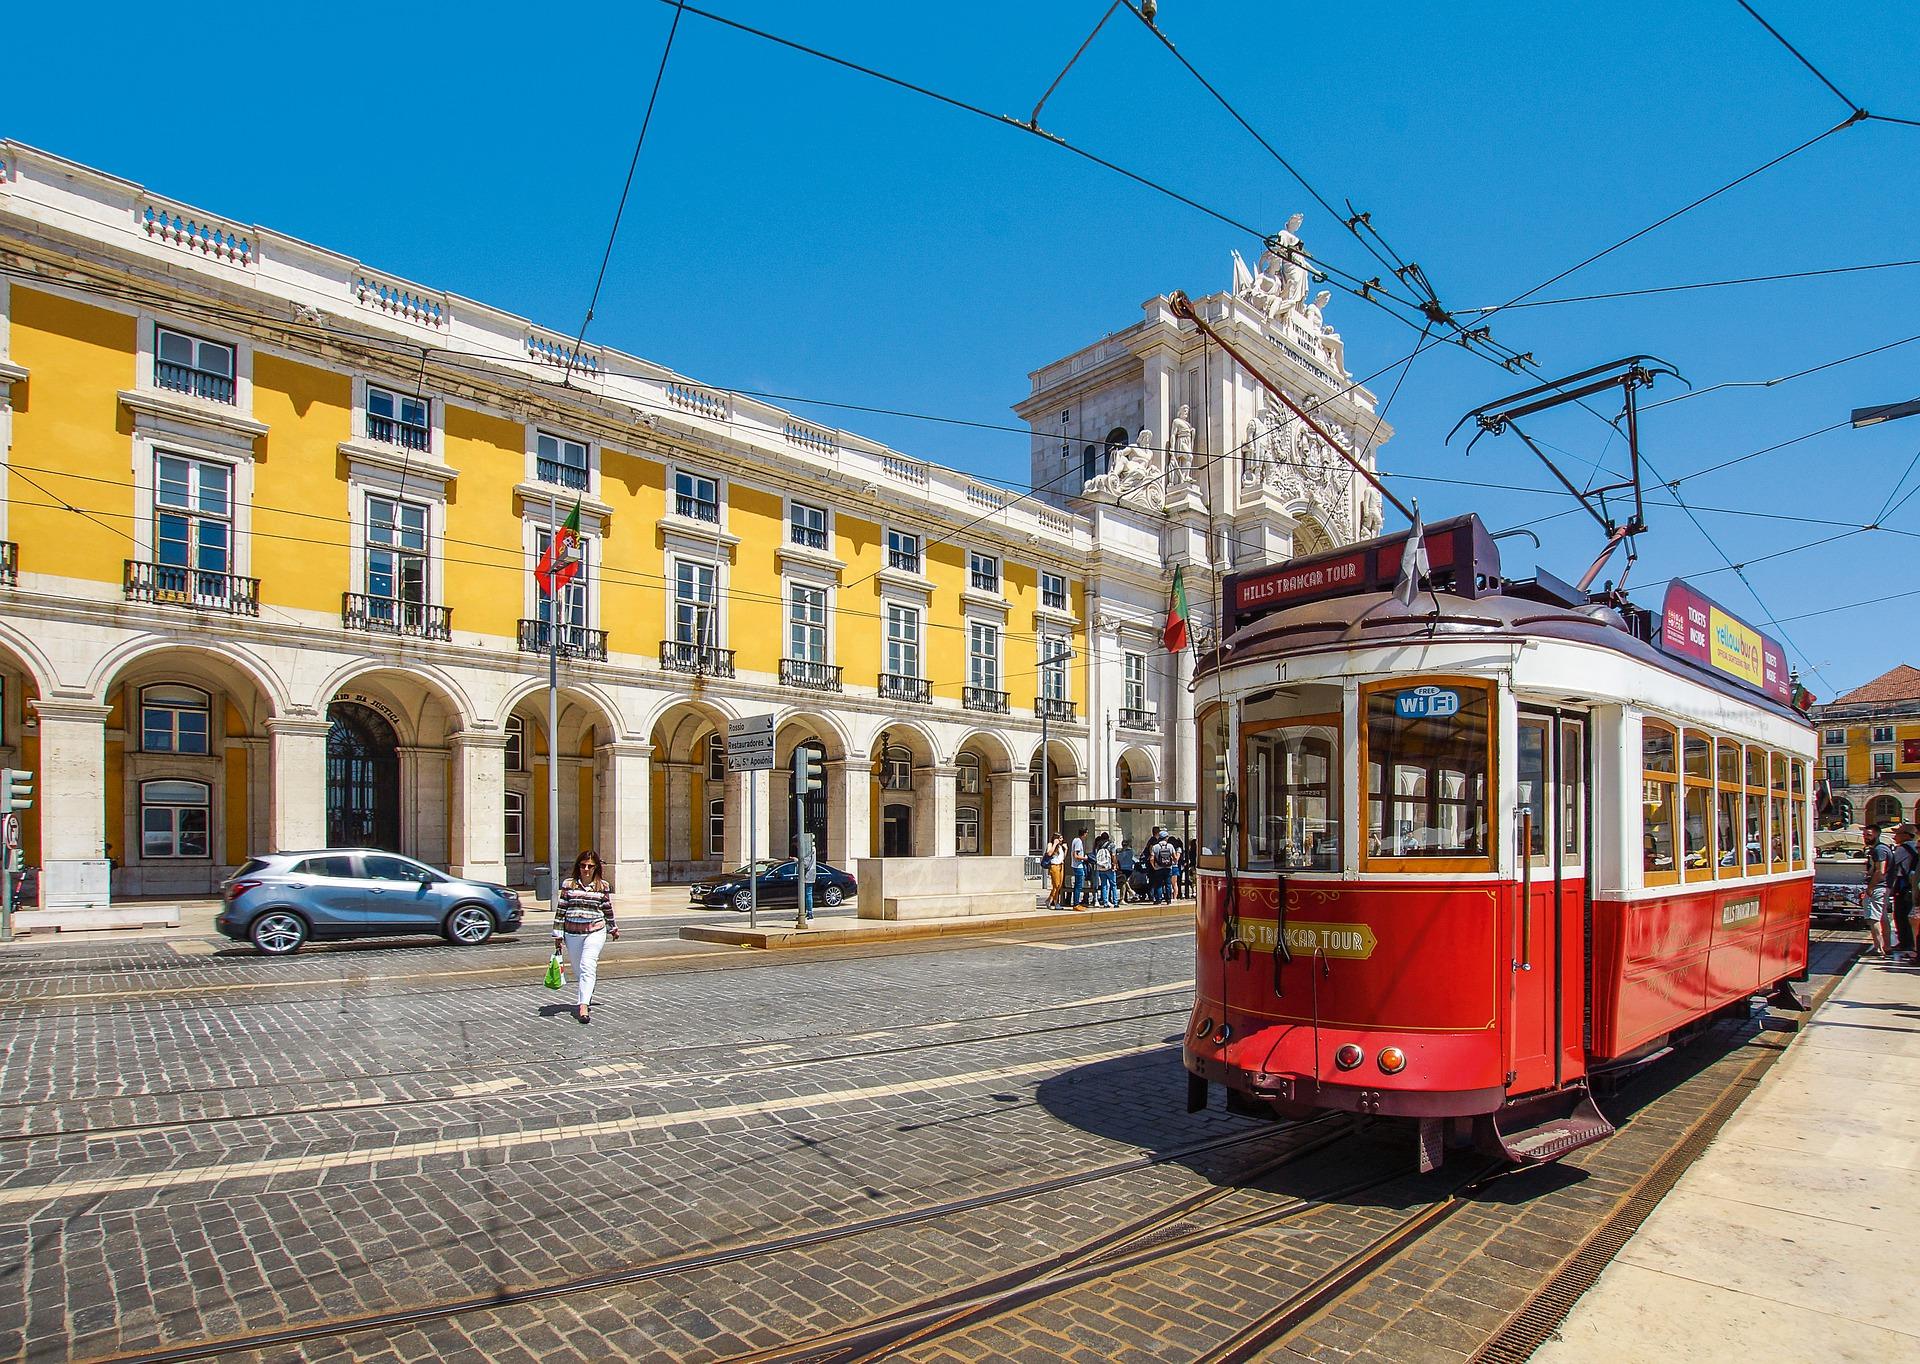 vroegboekkorting portugal vakantie met extra veel voordeel